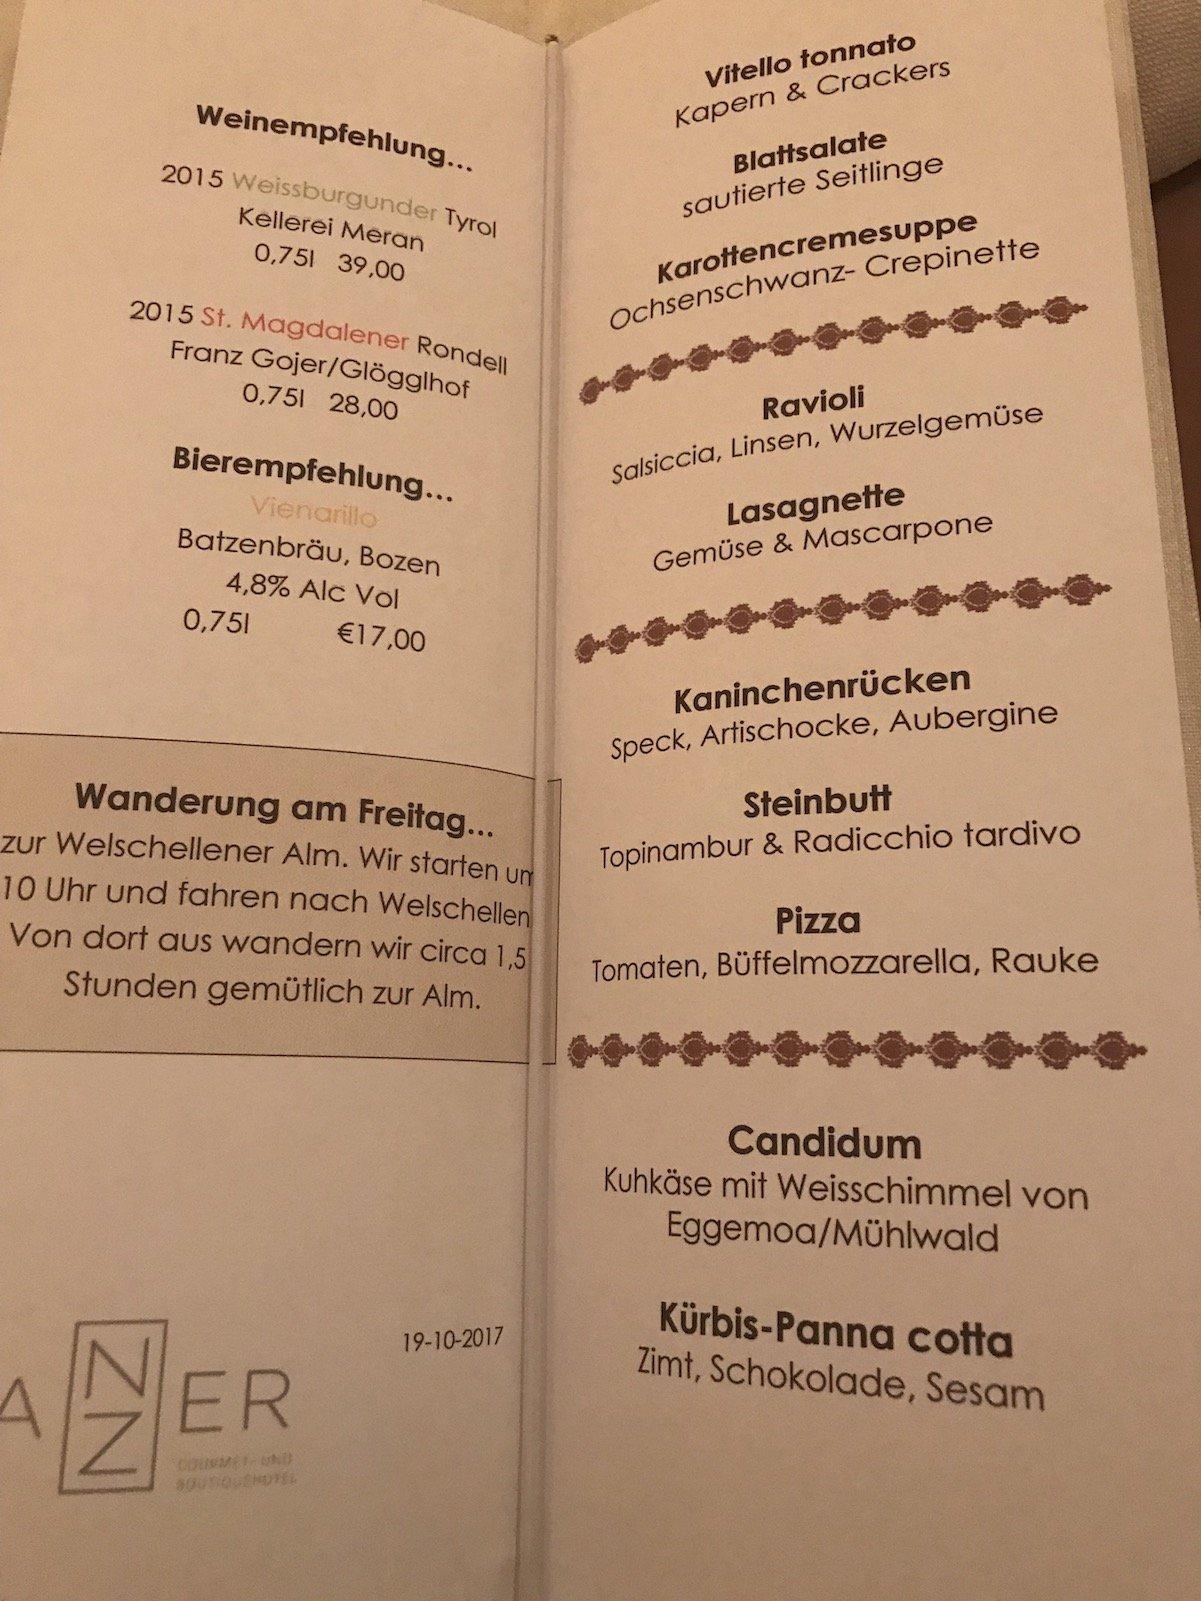 Speisekarte, Weinempfehlungen und Wanderangebot für den Folgetag